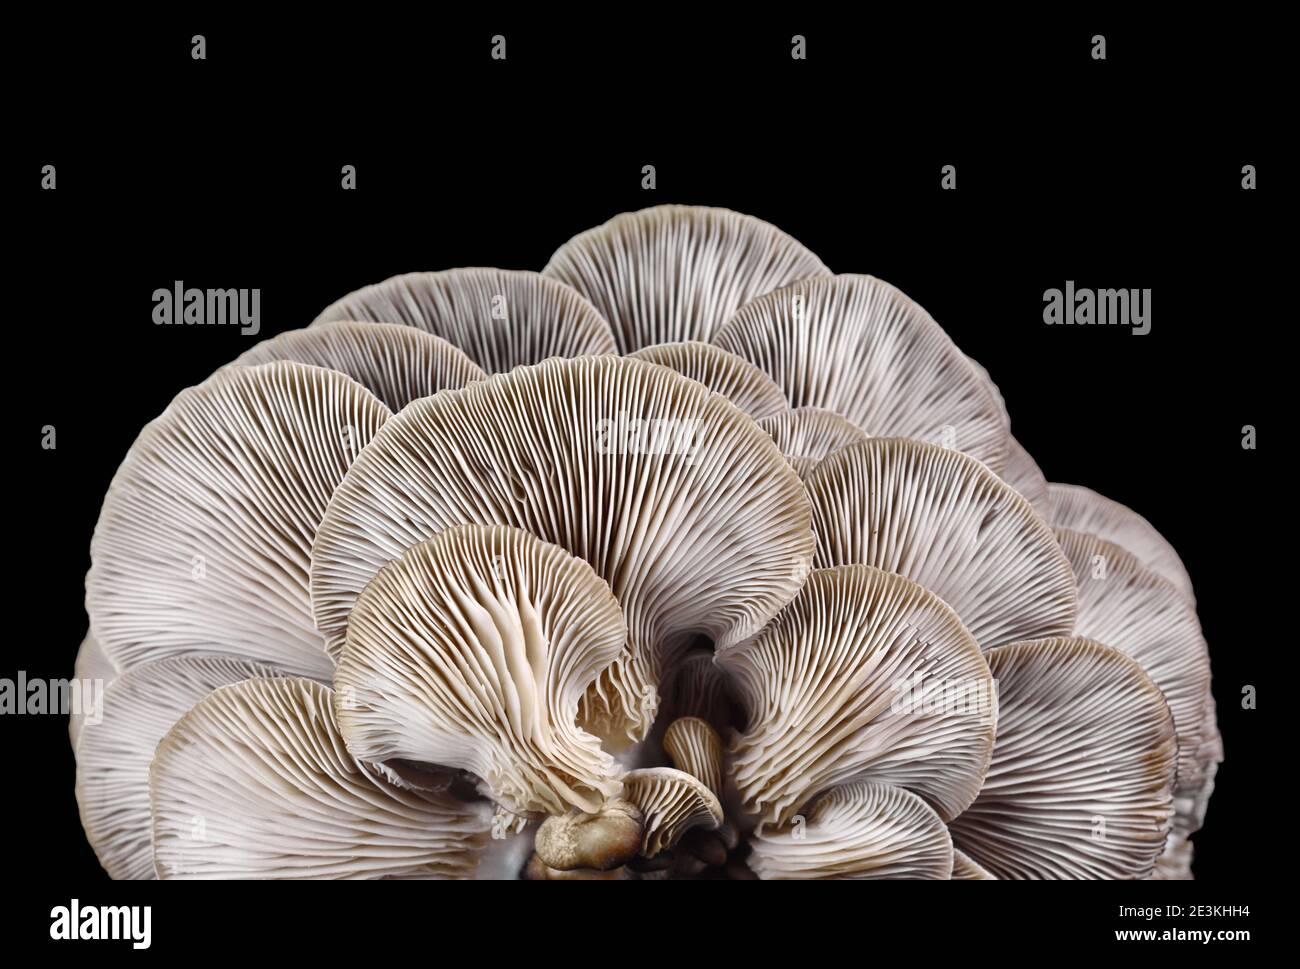 oyster mushroom isolated on black background Stock Photo